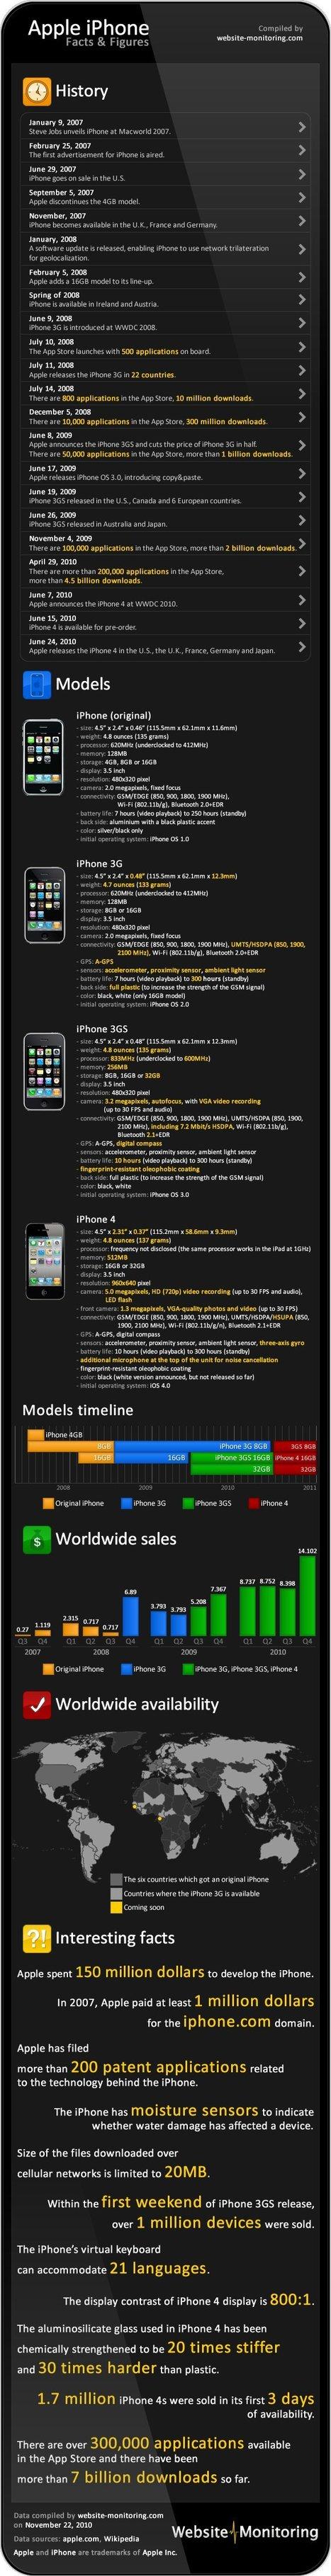 L'histoire de l'iPhone | Information visualization | Scoop.it